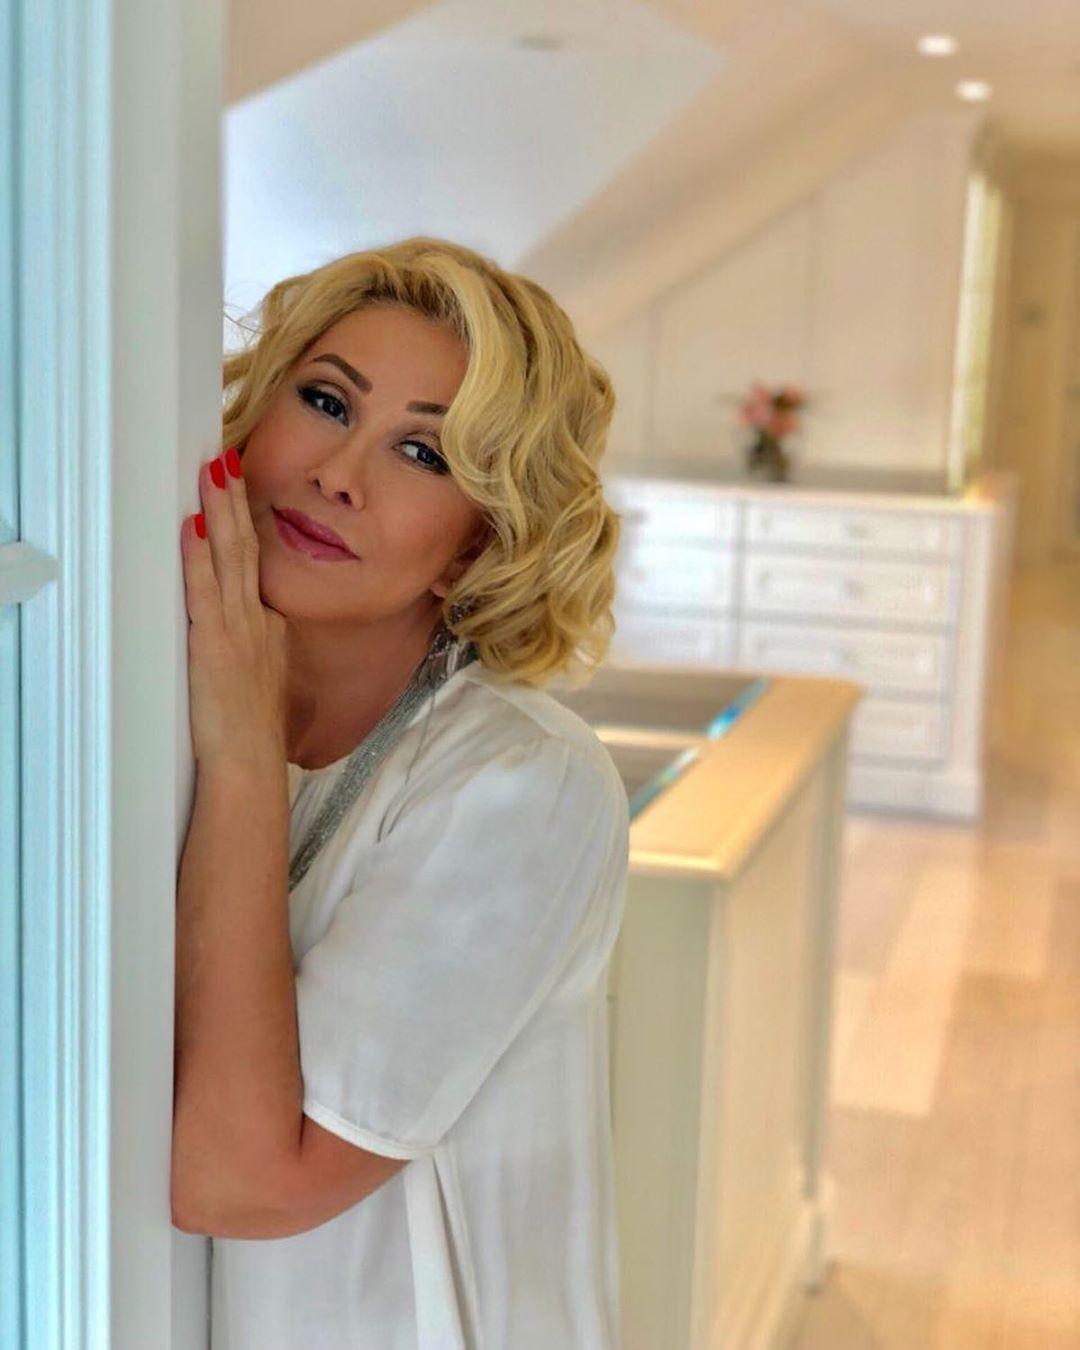 Любовь Успенская намерена отсудить полмиллиона долларов у телеканала НТВ